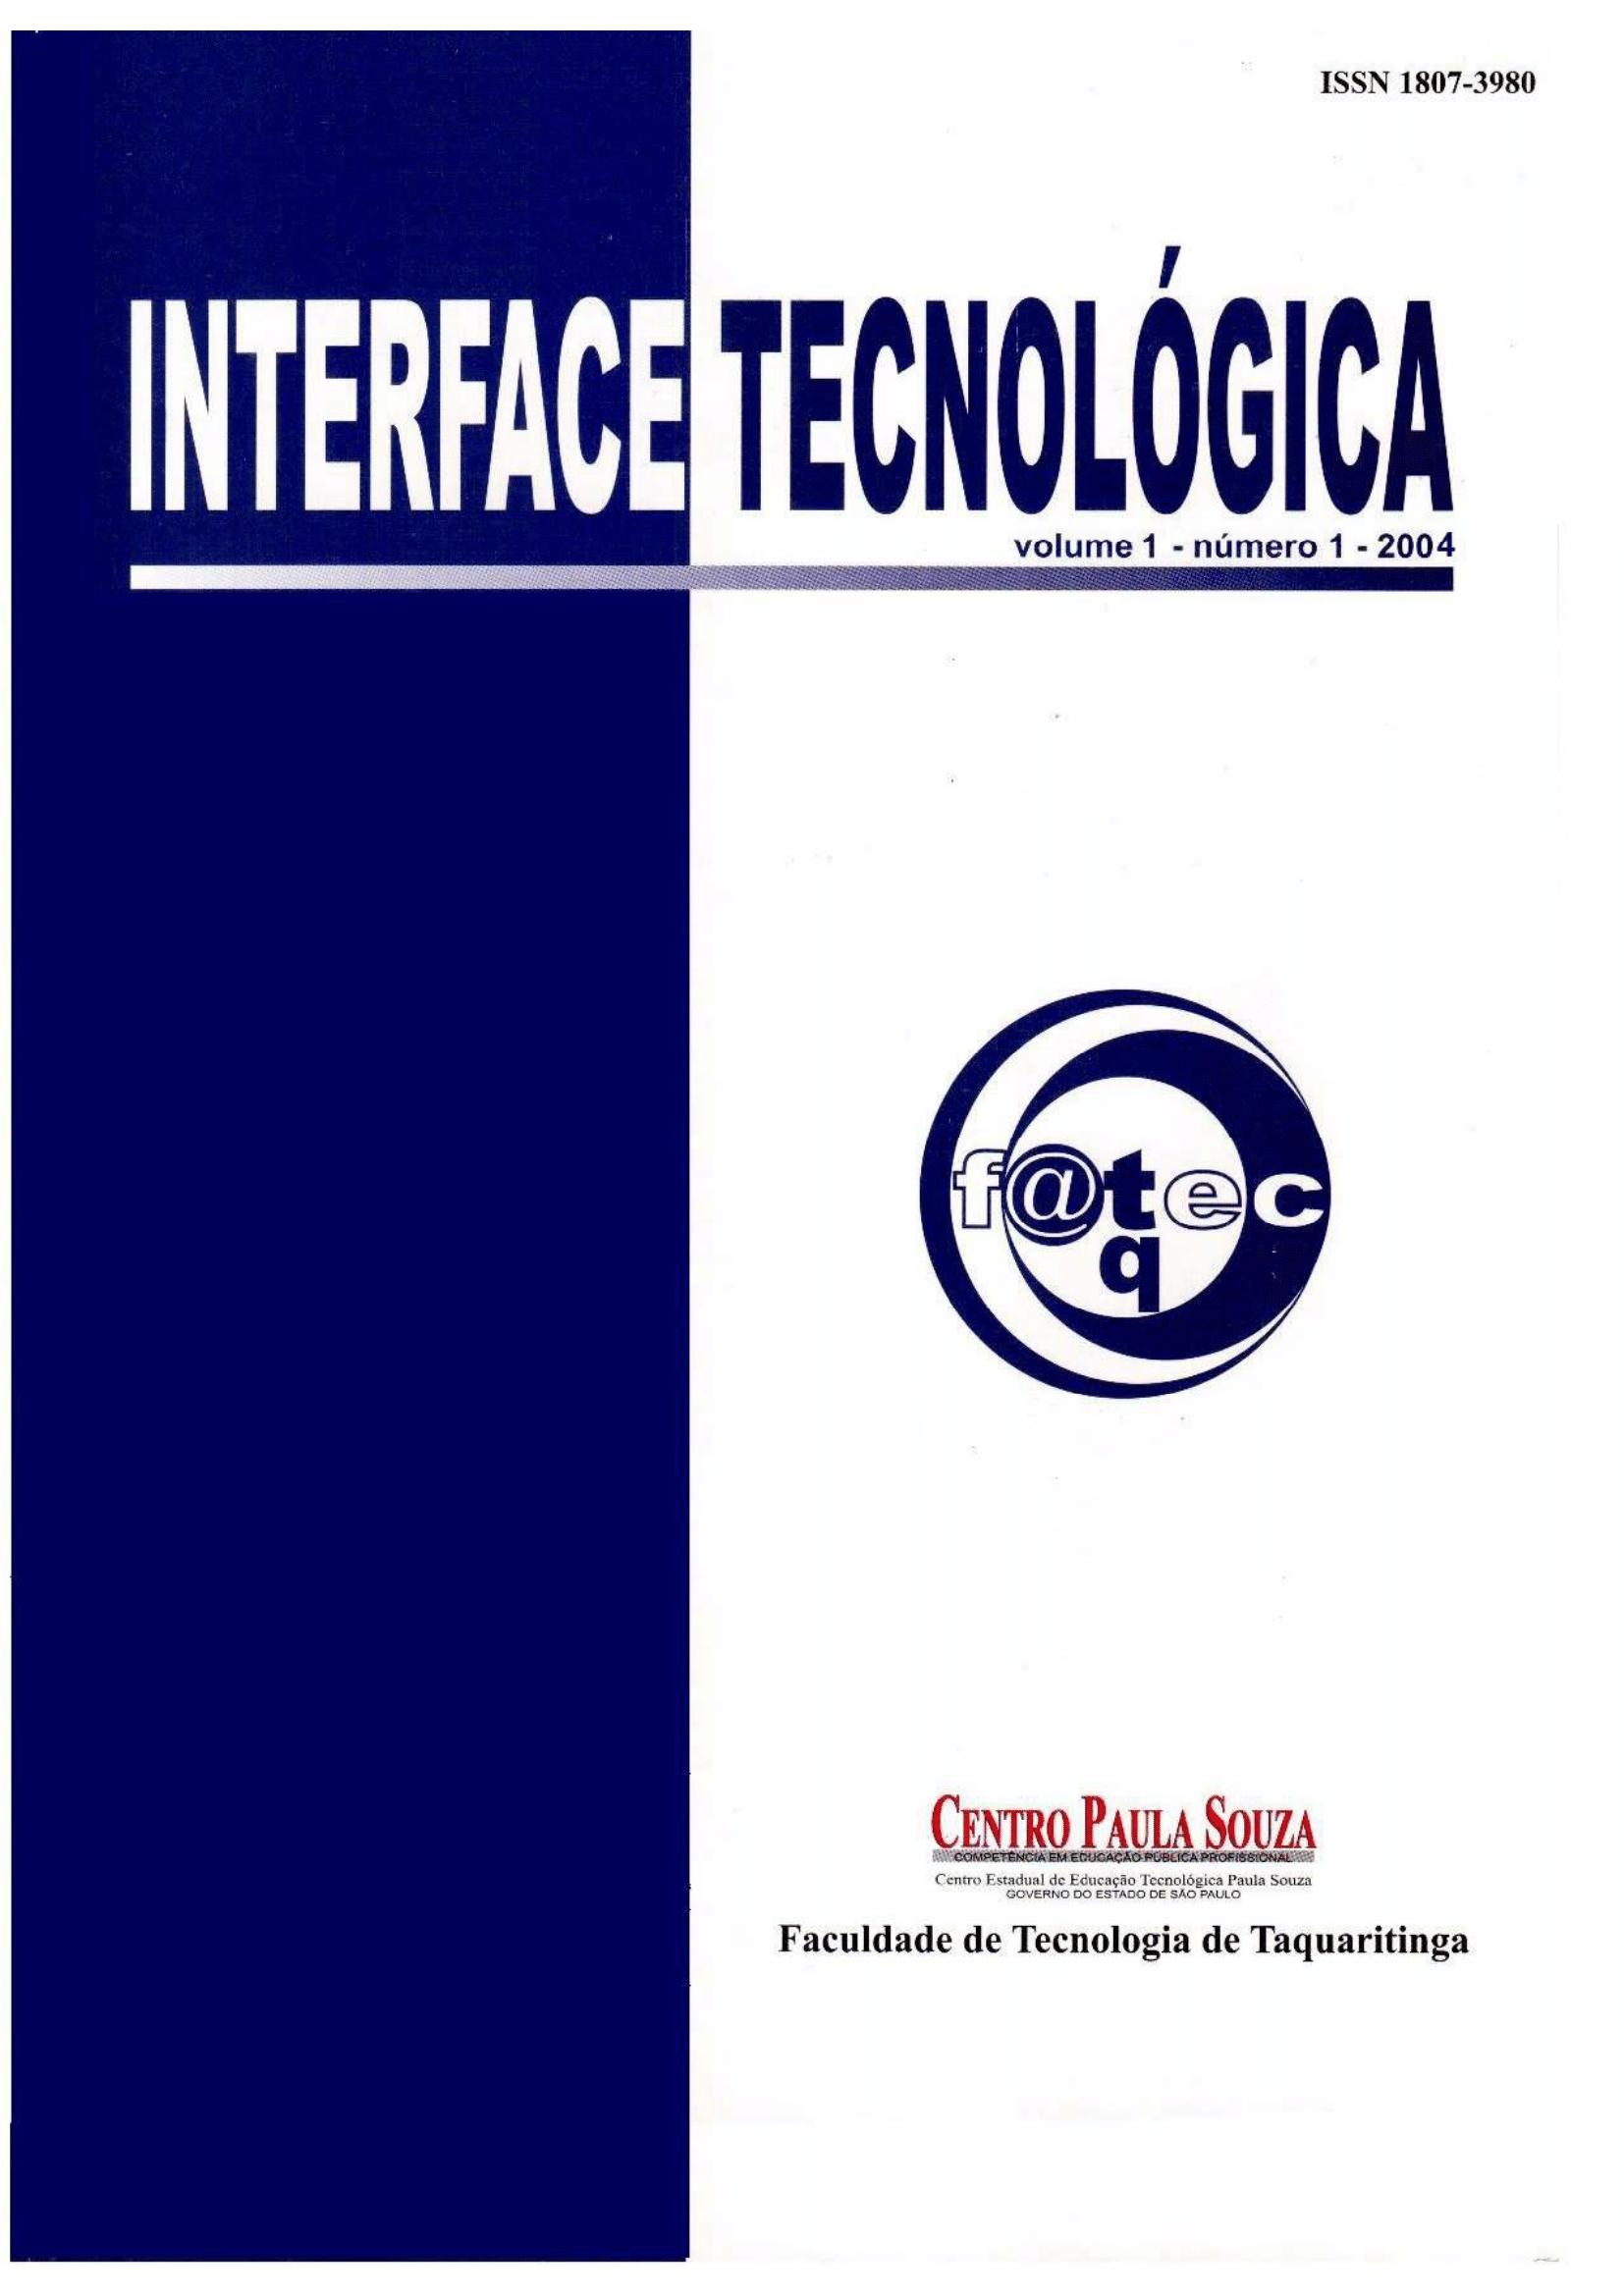 Visualizar v. 1 n. 1 (2004): Revista Interface Tecnológica